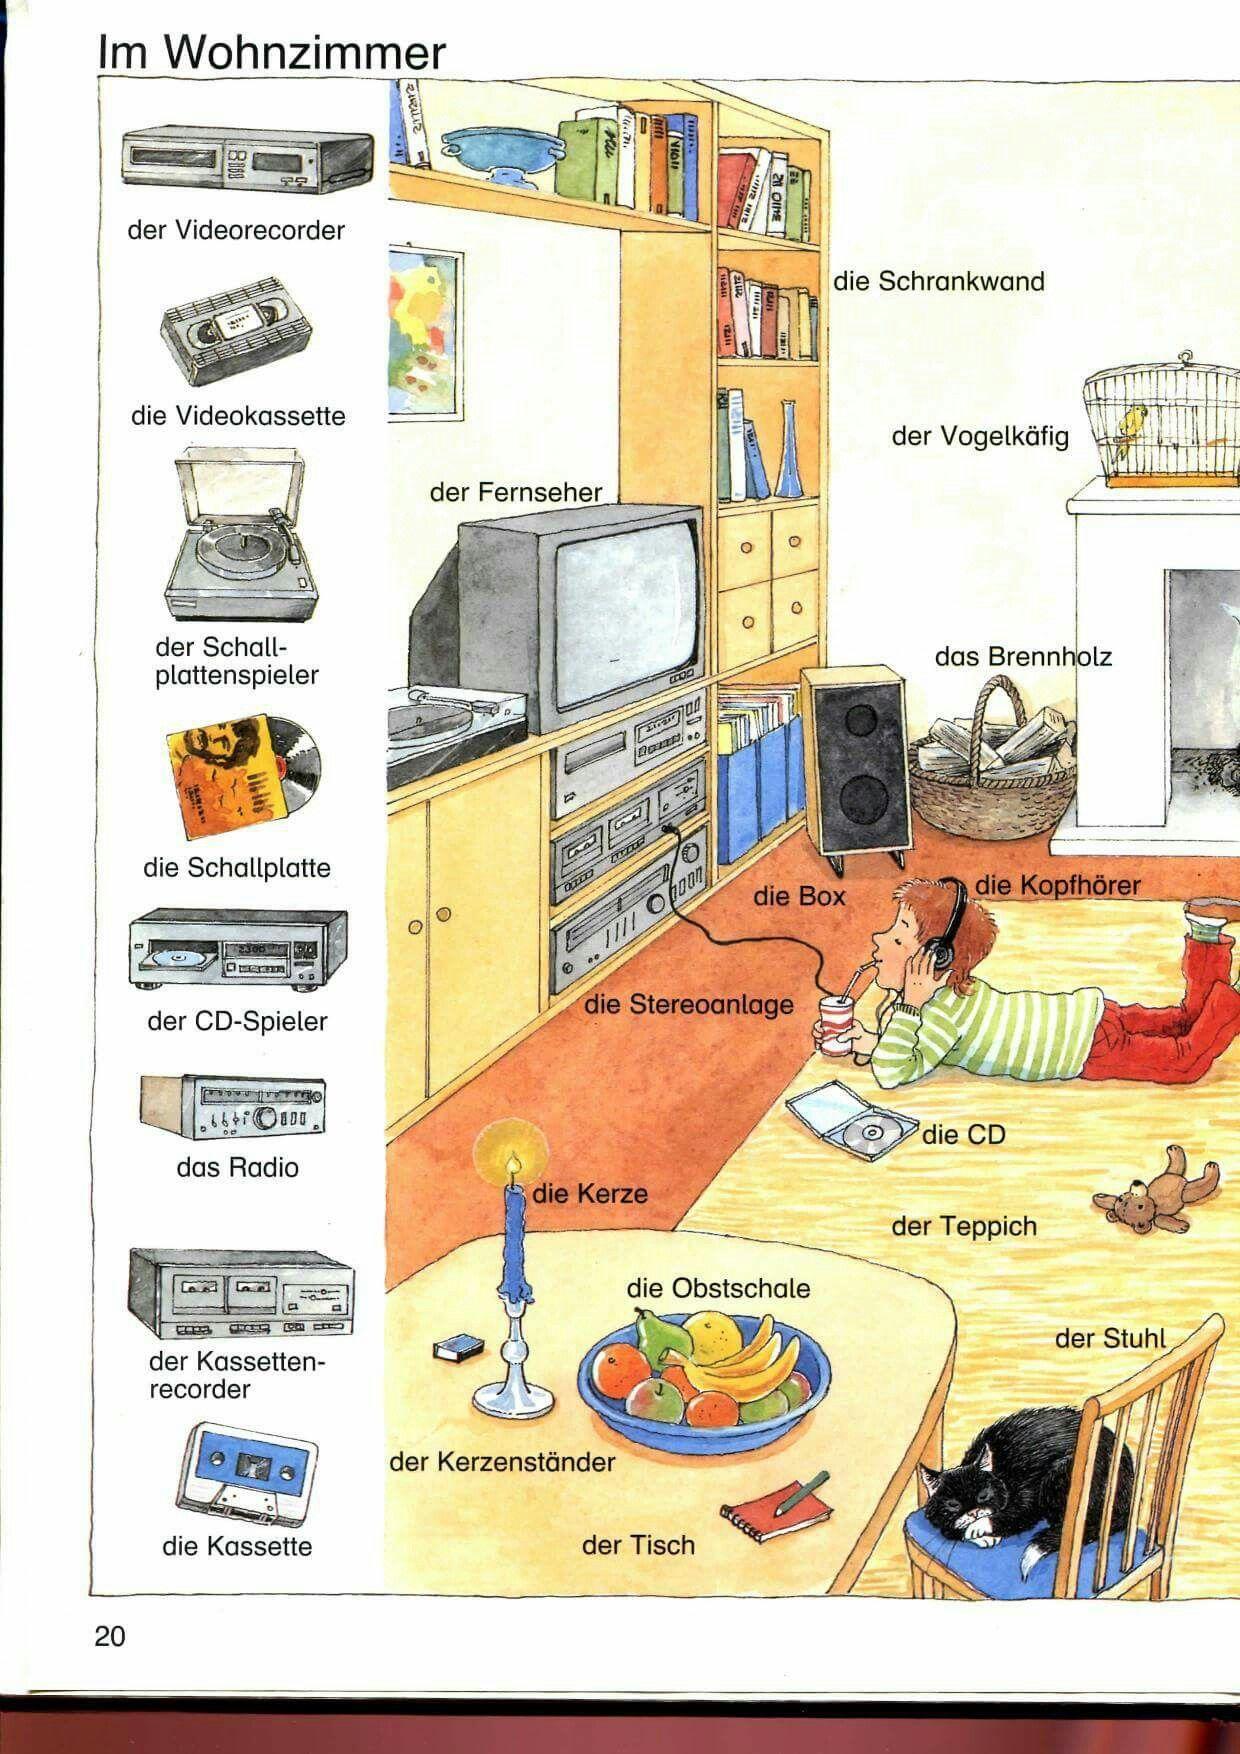 Im wohnzimmer aprendiendo aleman learning german for Wohnung dekorieren lernen